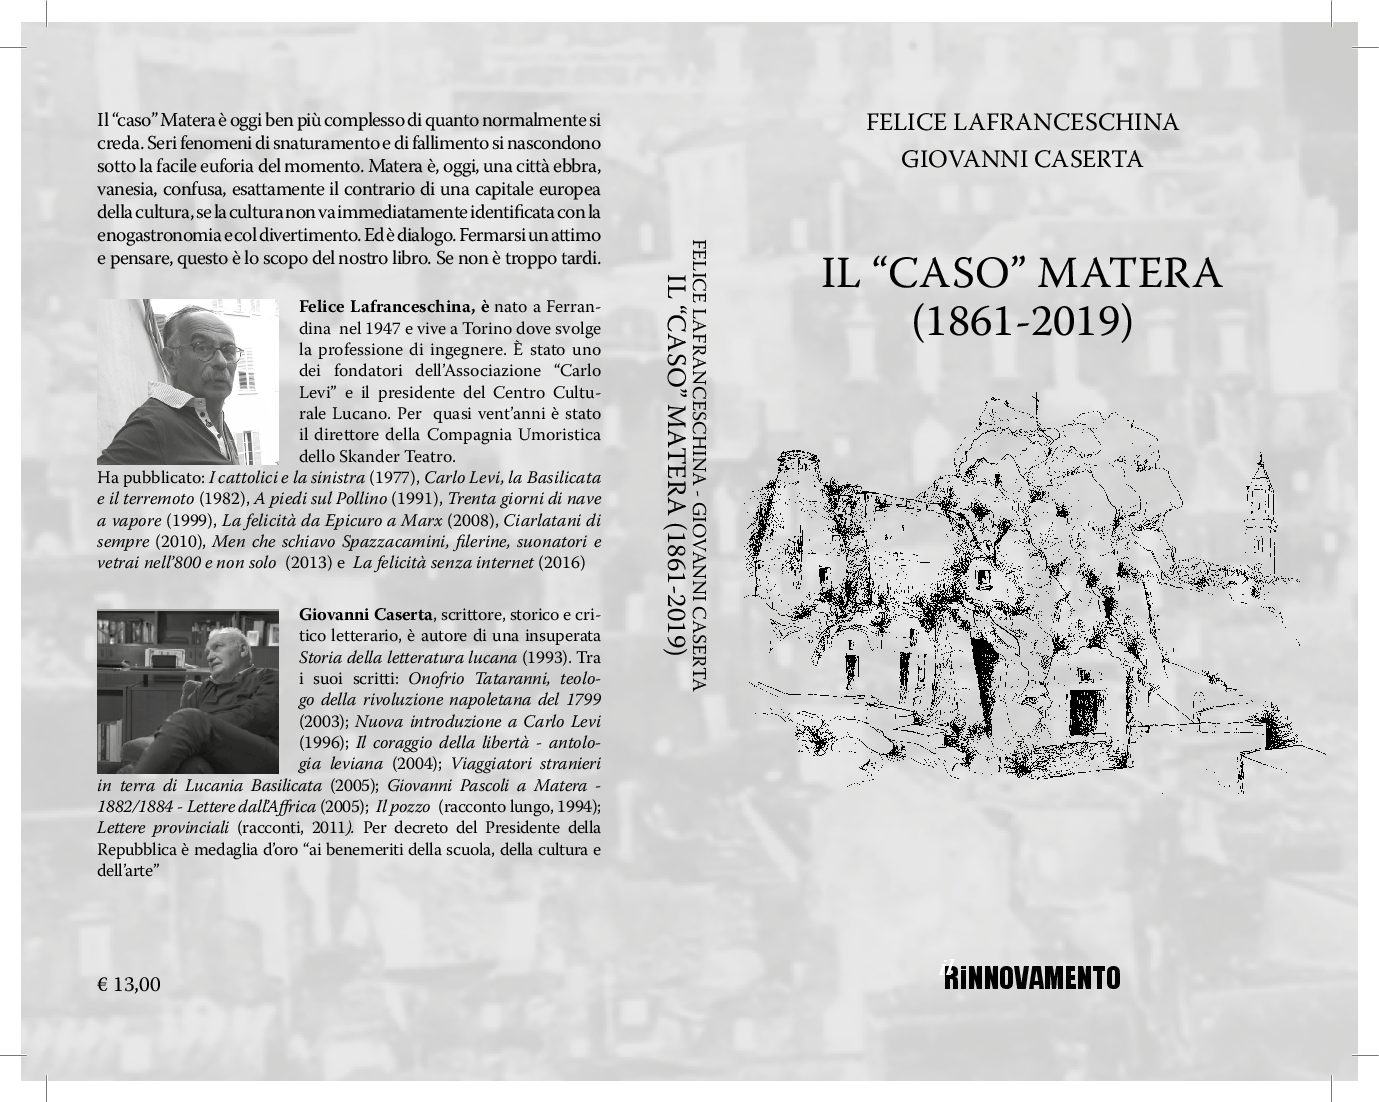 """Il """"caso"""" Matera(1861-2019)"""